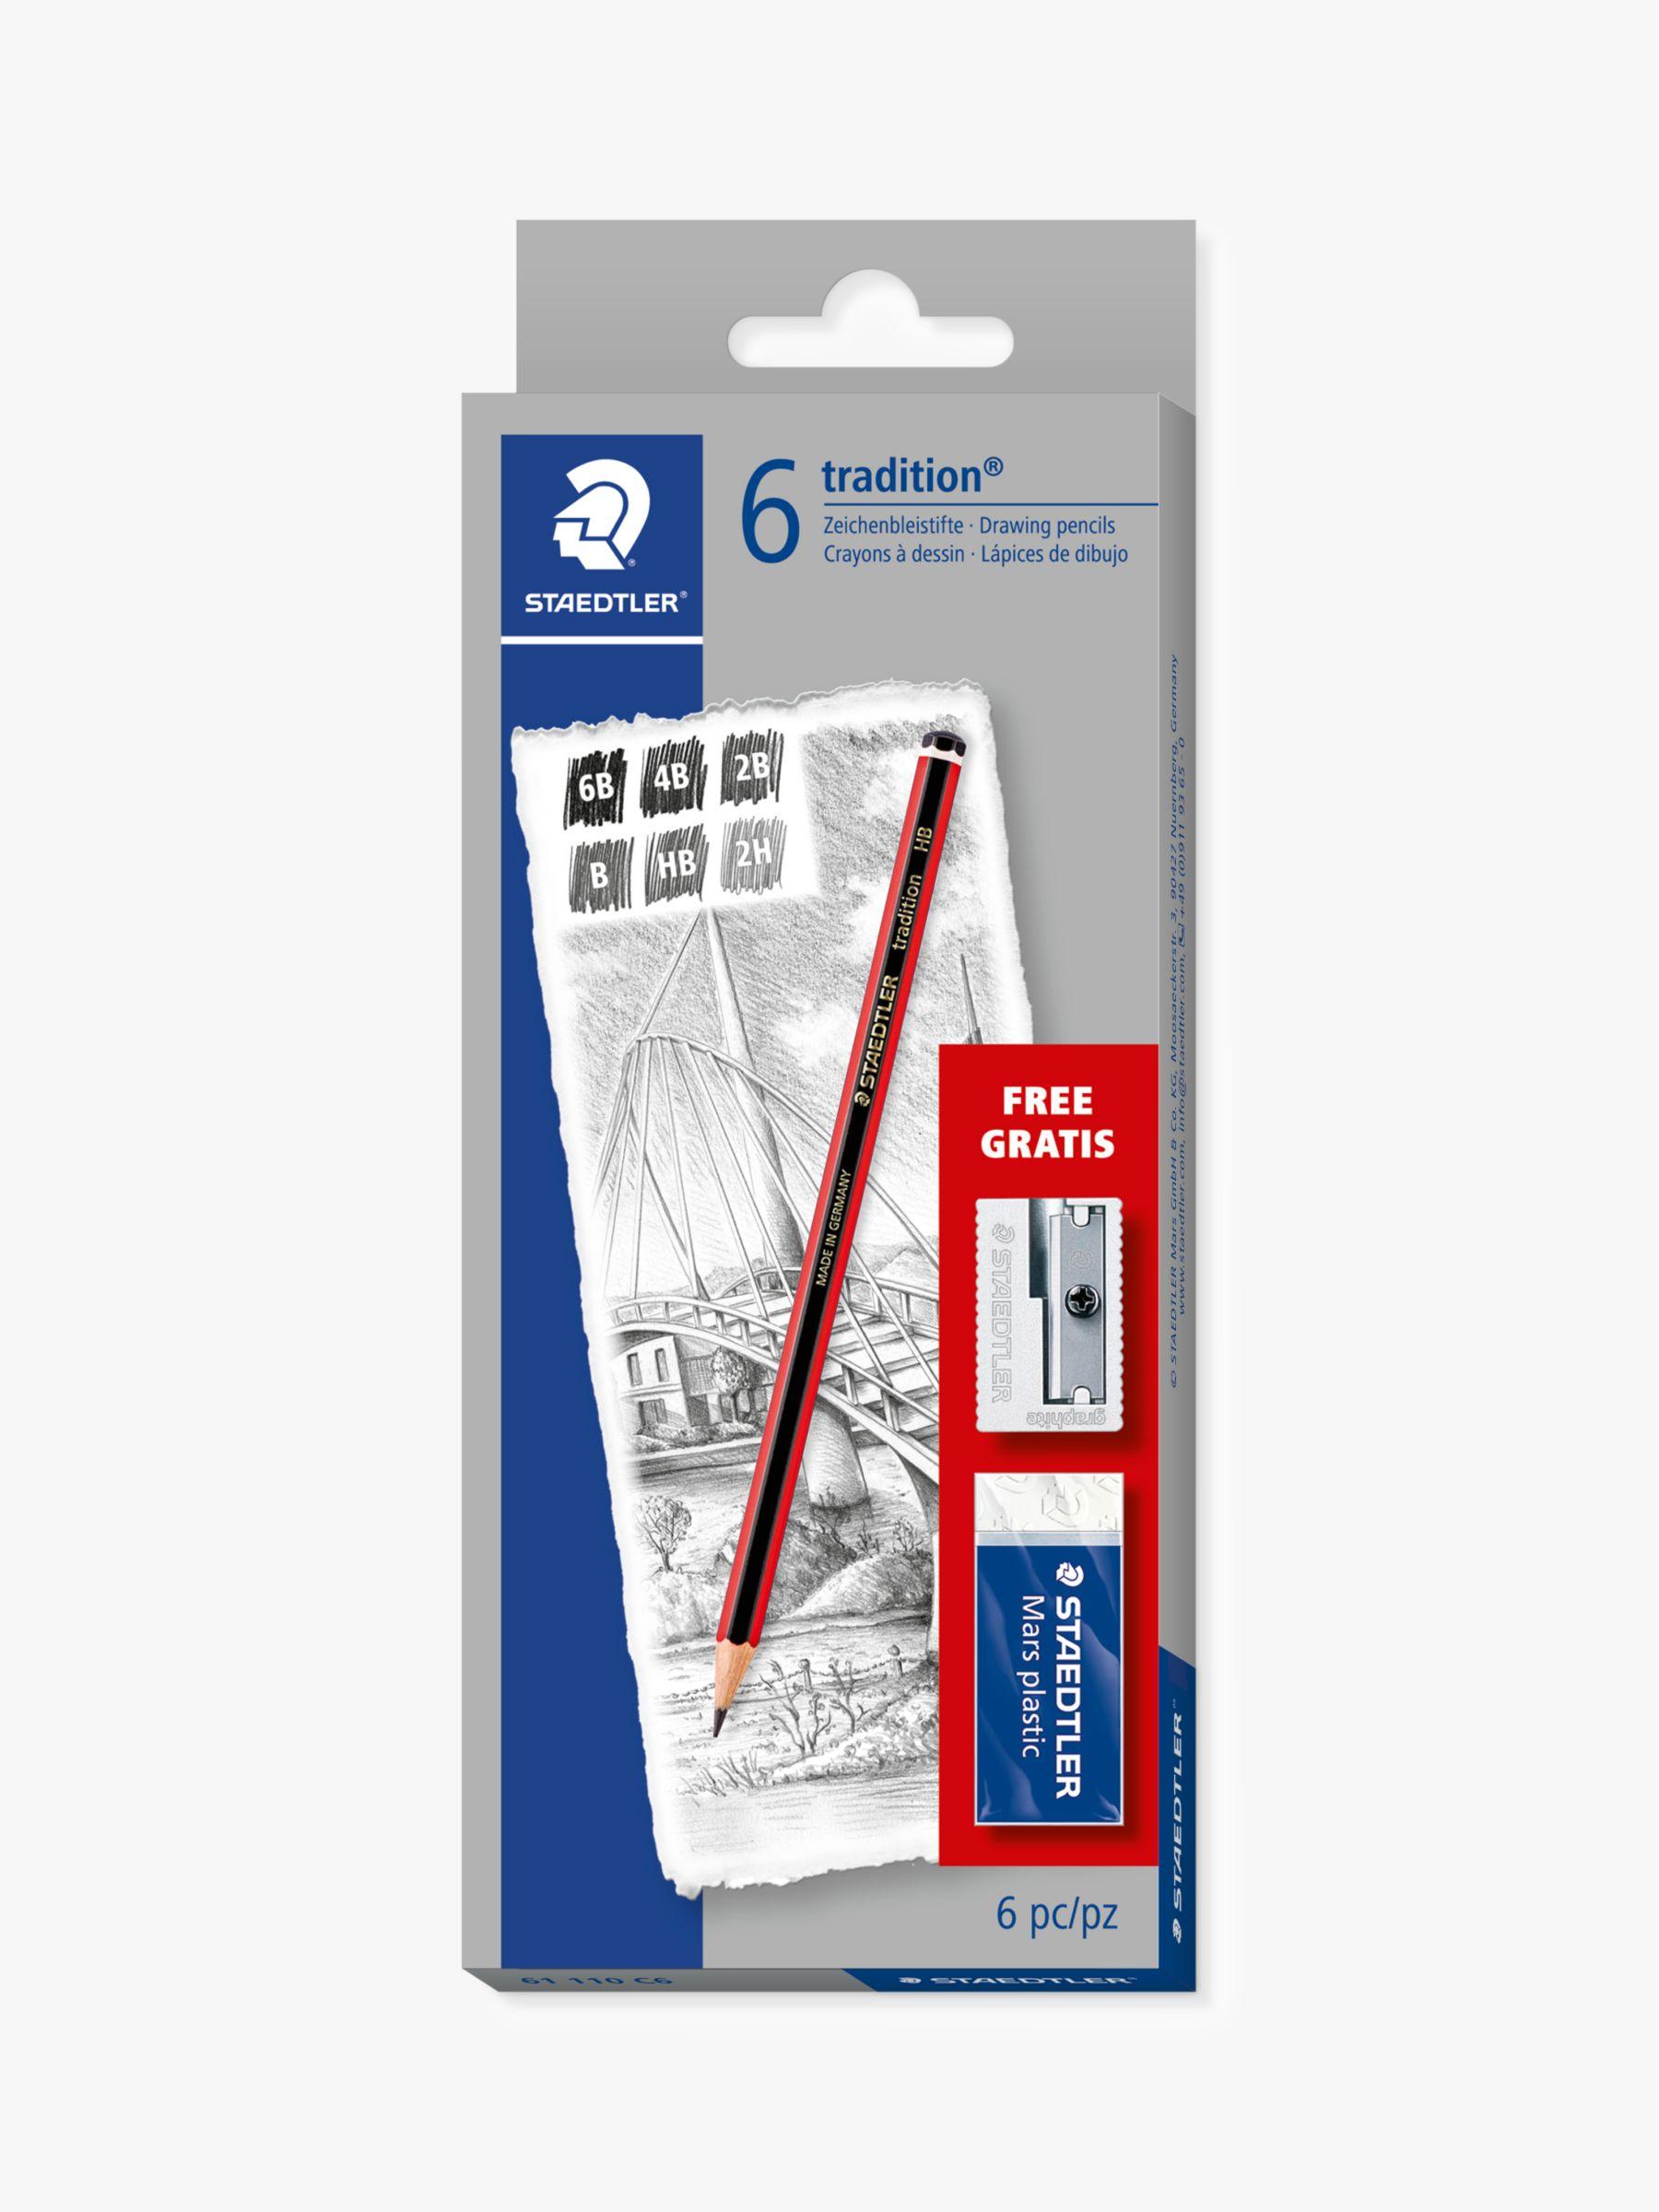 Staedtler STAEDTLER Tradition Sketching Pencils with Eraser & Sharpener, Pack of 6